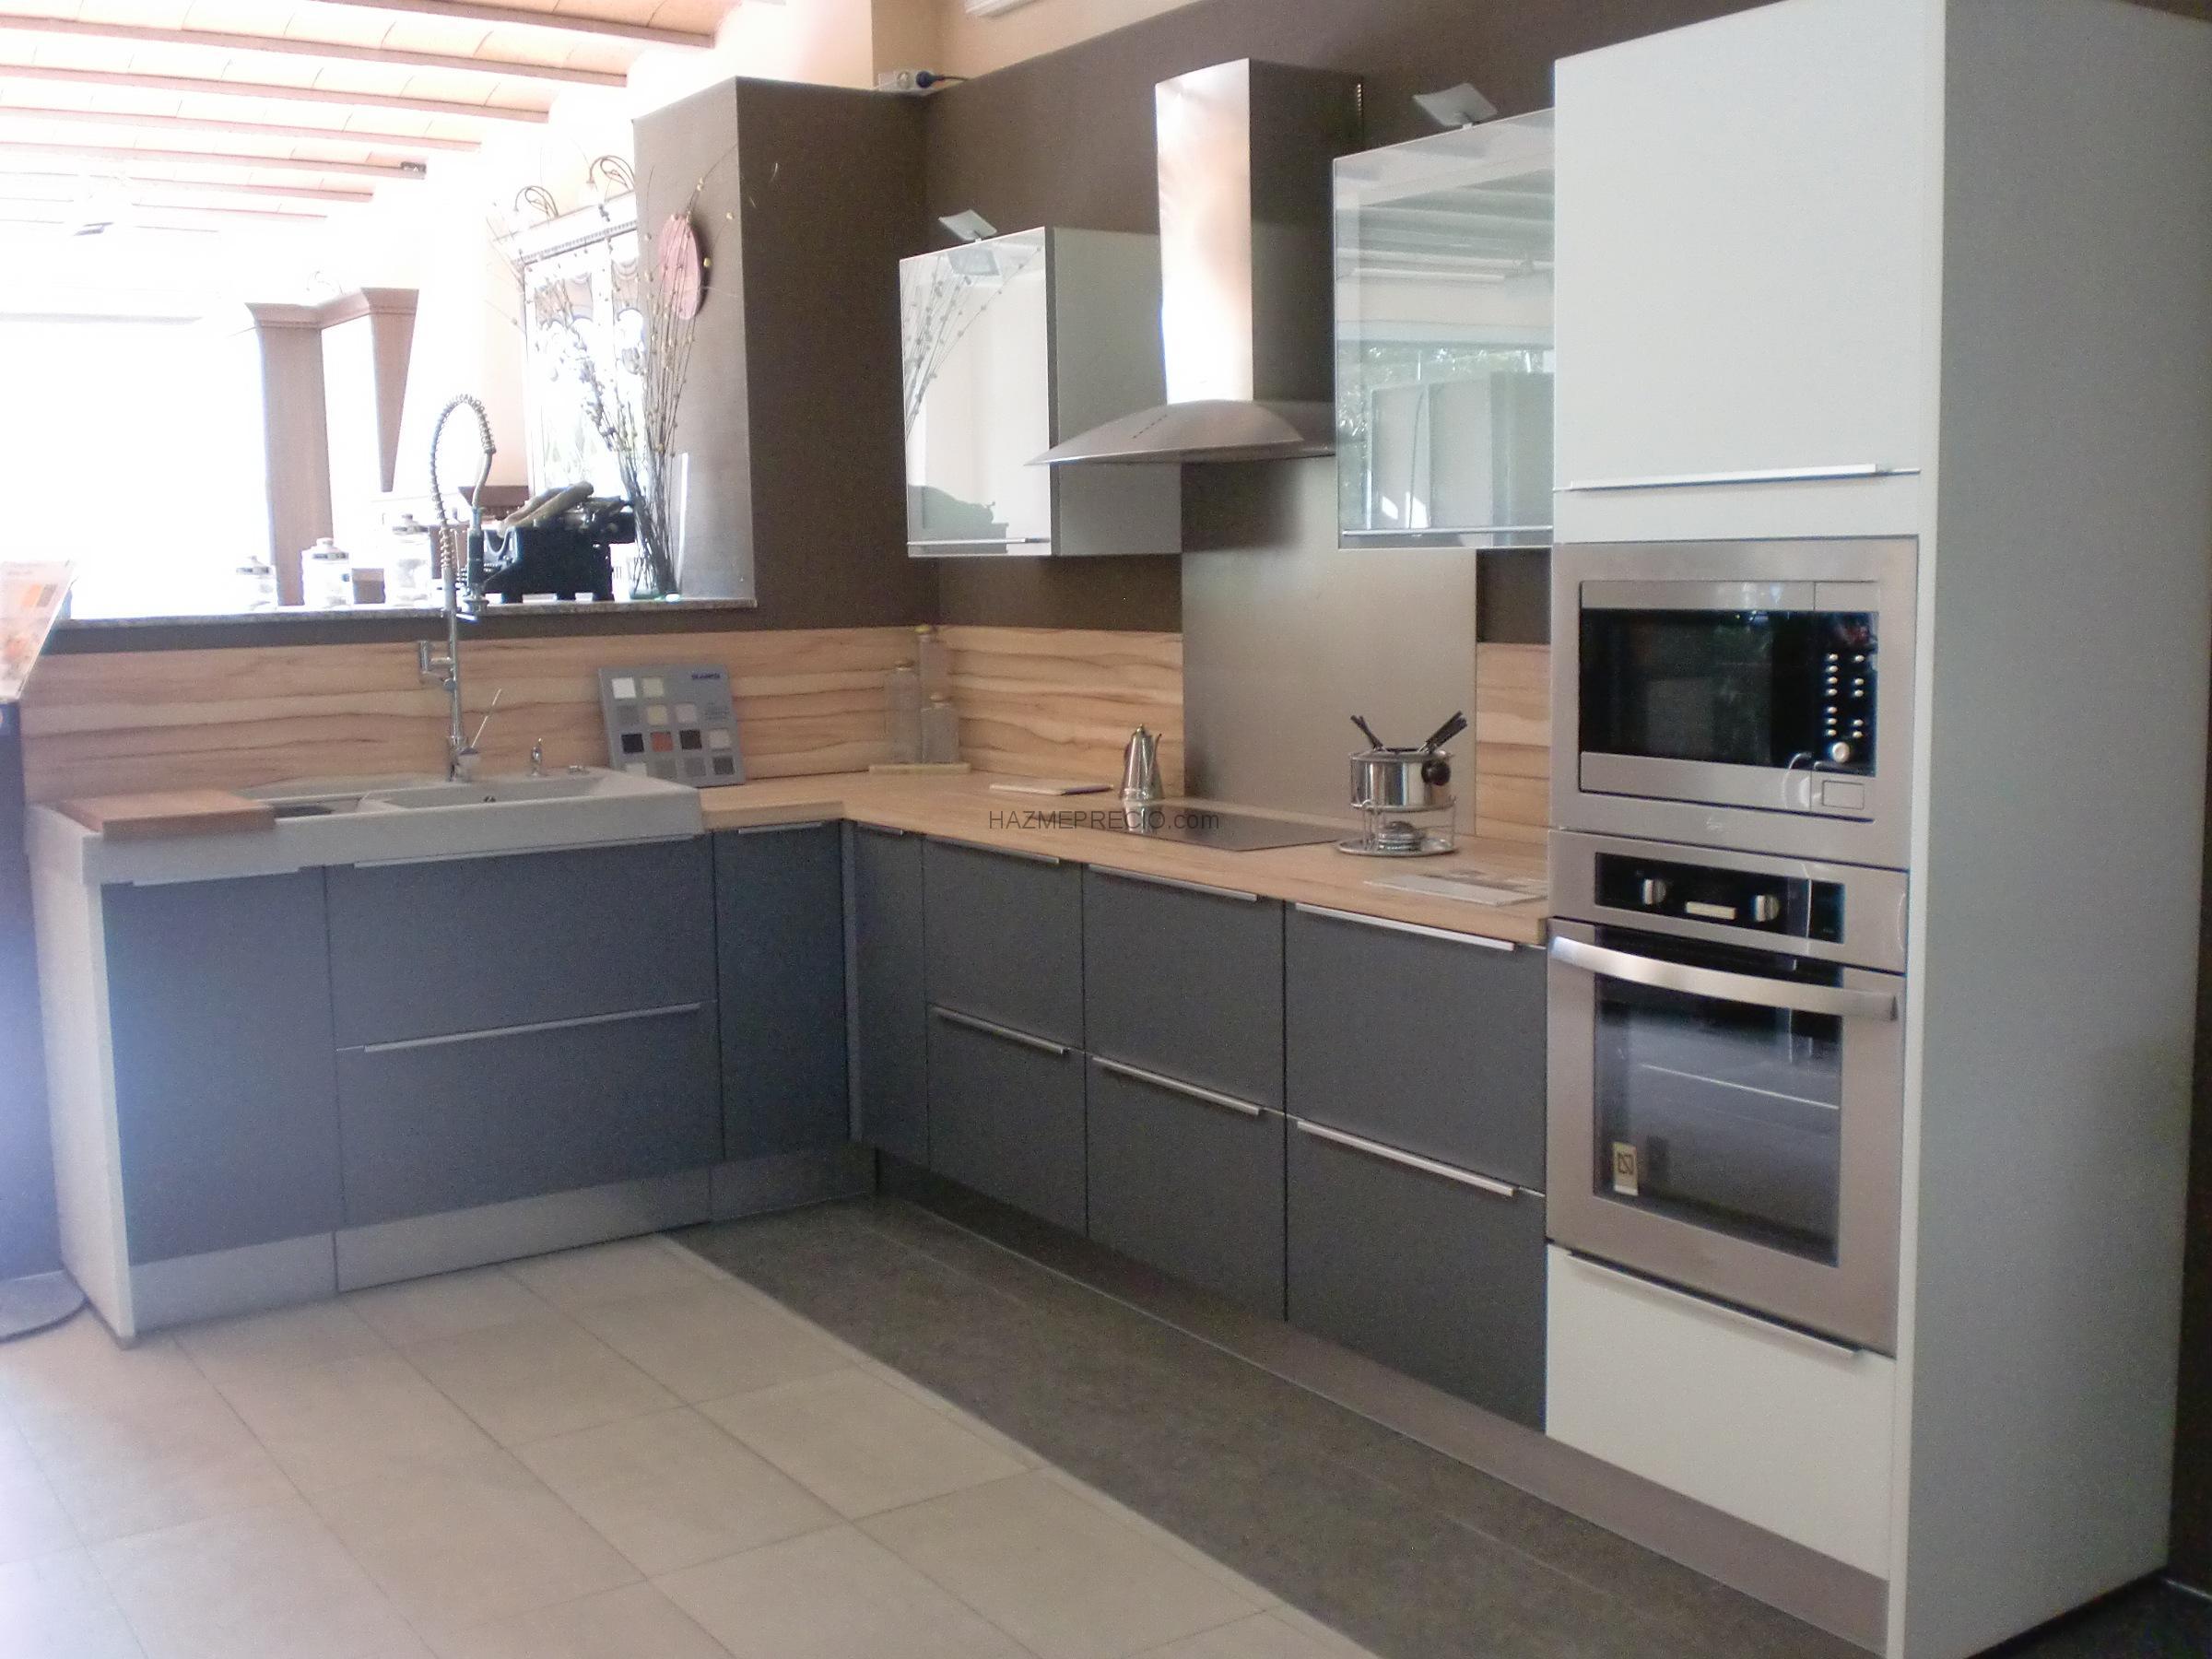 Empresas de electrodomesticos para cocinas en martorell for Cocinas modernas en gris y blanco